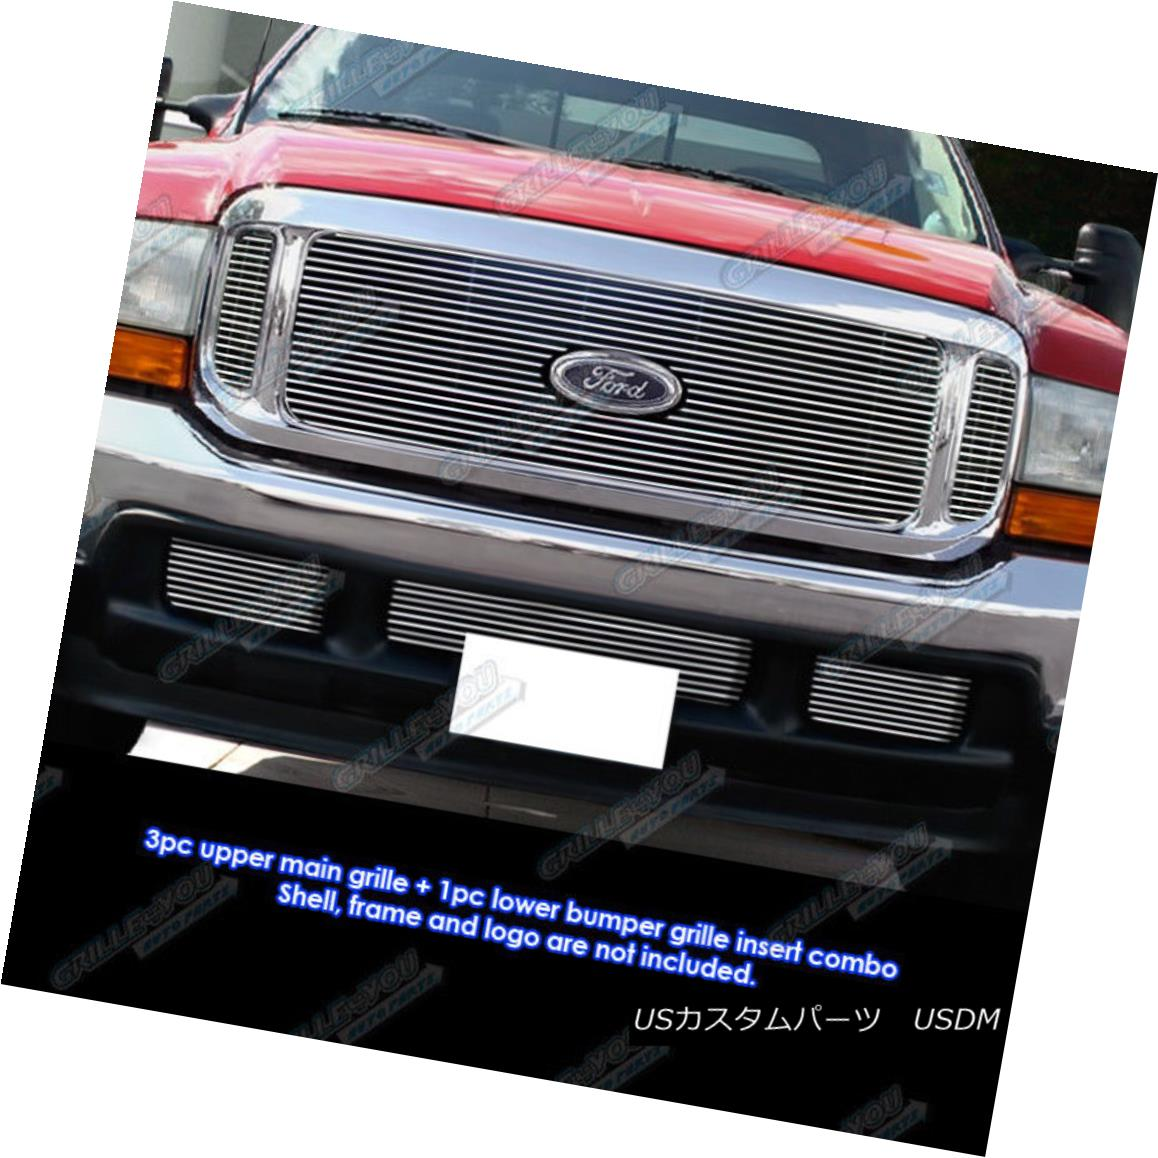 グリル Fits 99-04 Ford F250/F350 Super Duty Billet Grille Combo フィット99-04 Ford F250 / F350スーパーデューティビレットグリルコンボ